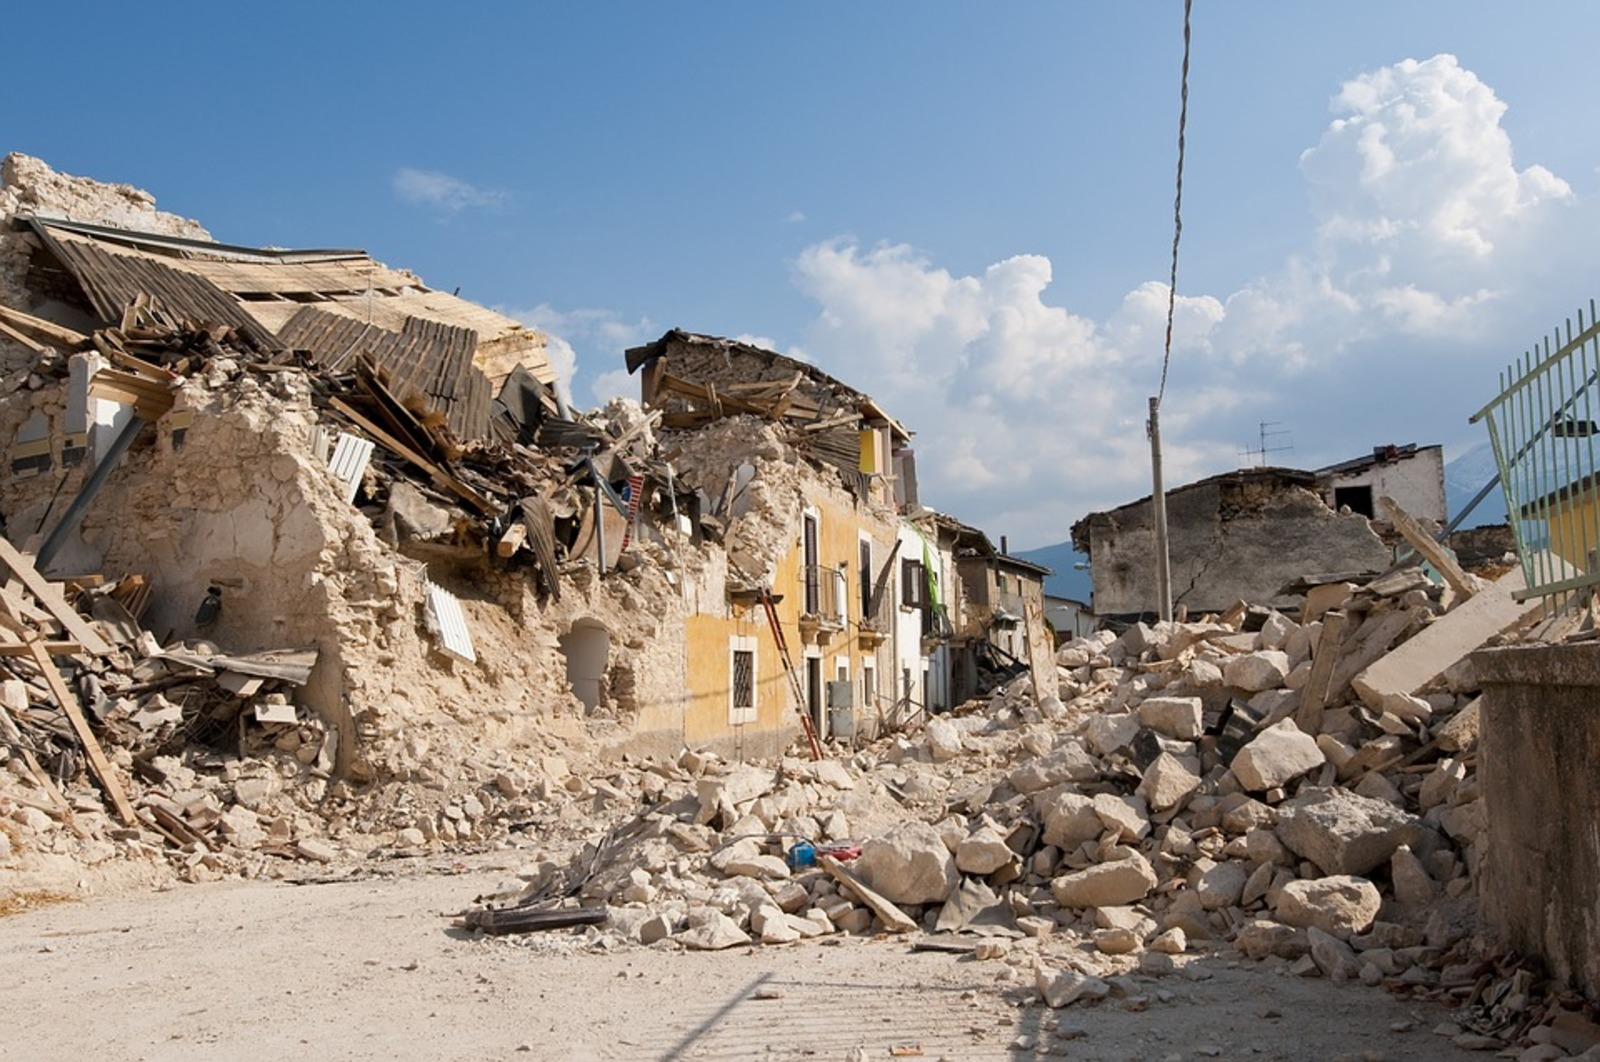 Последствия землетрясений могут быть катастрофическими